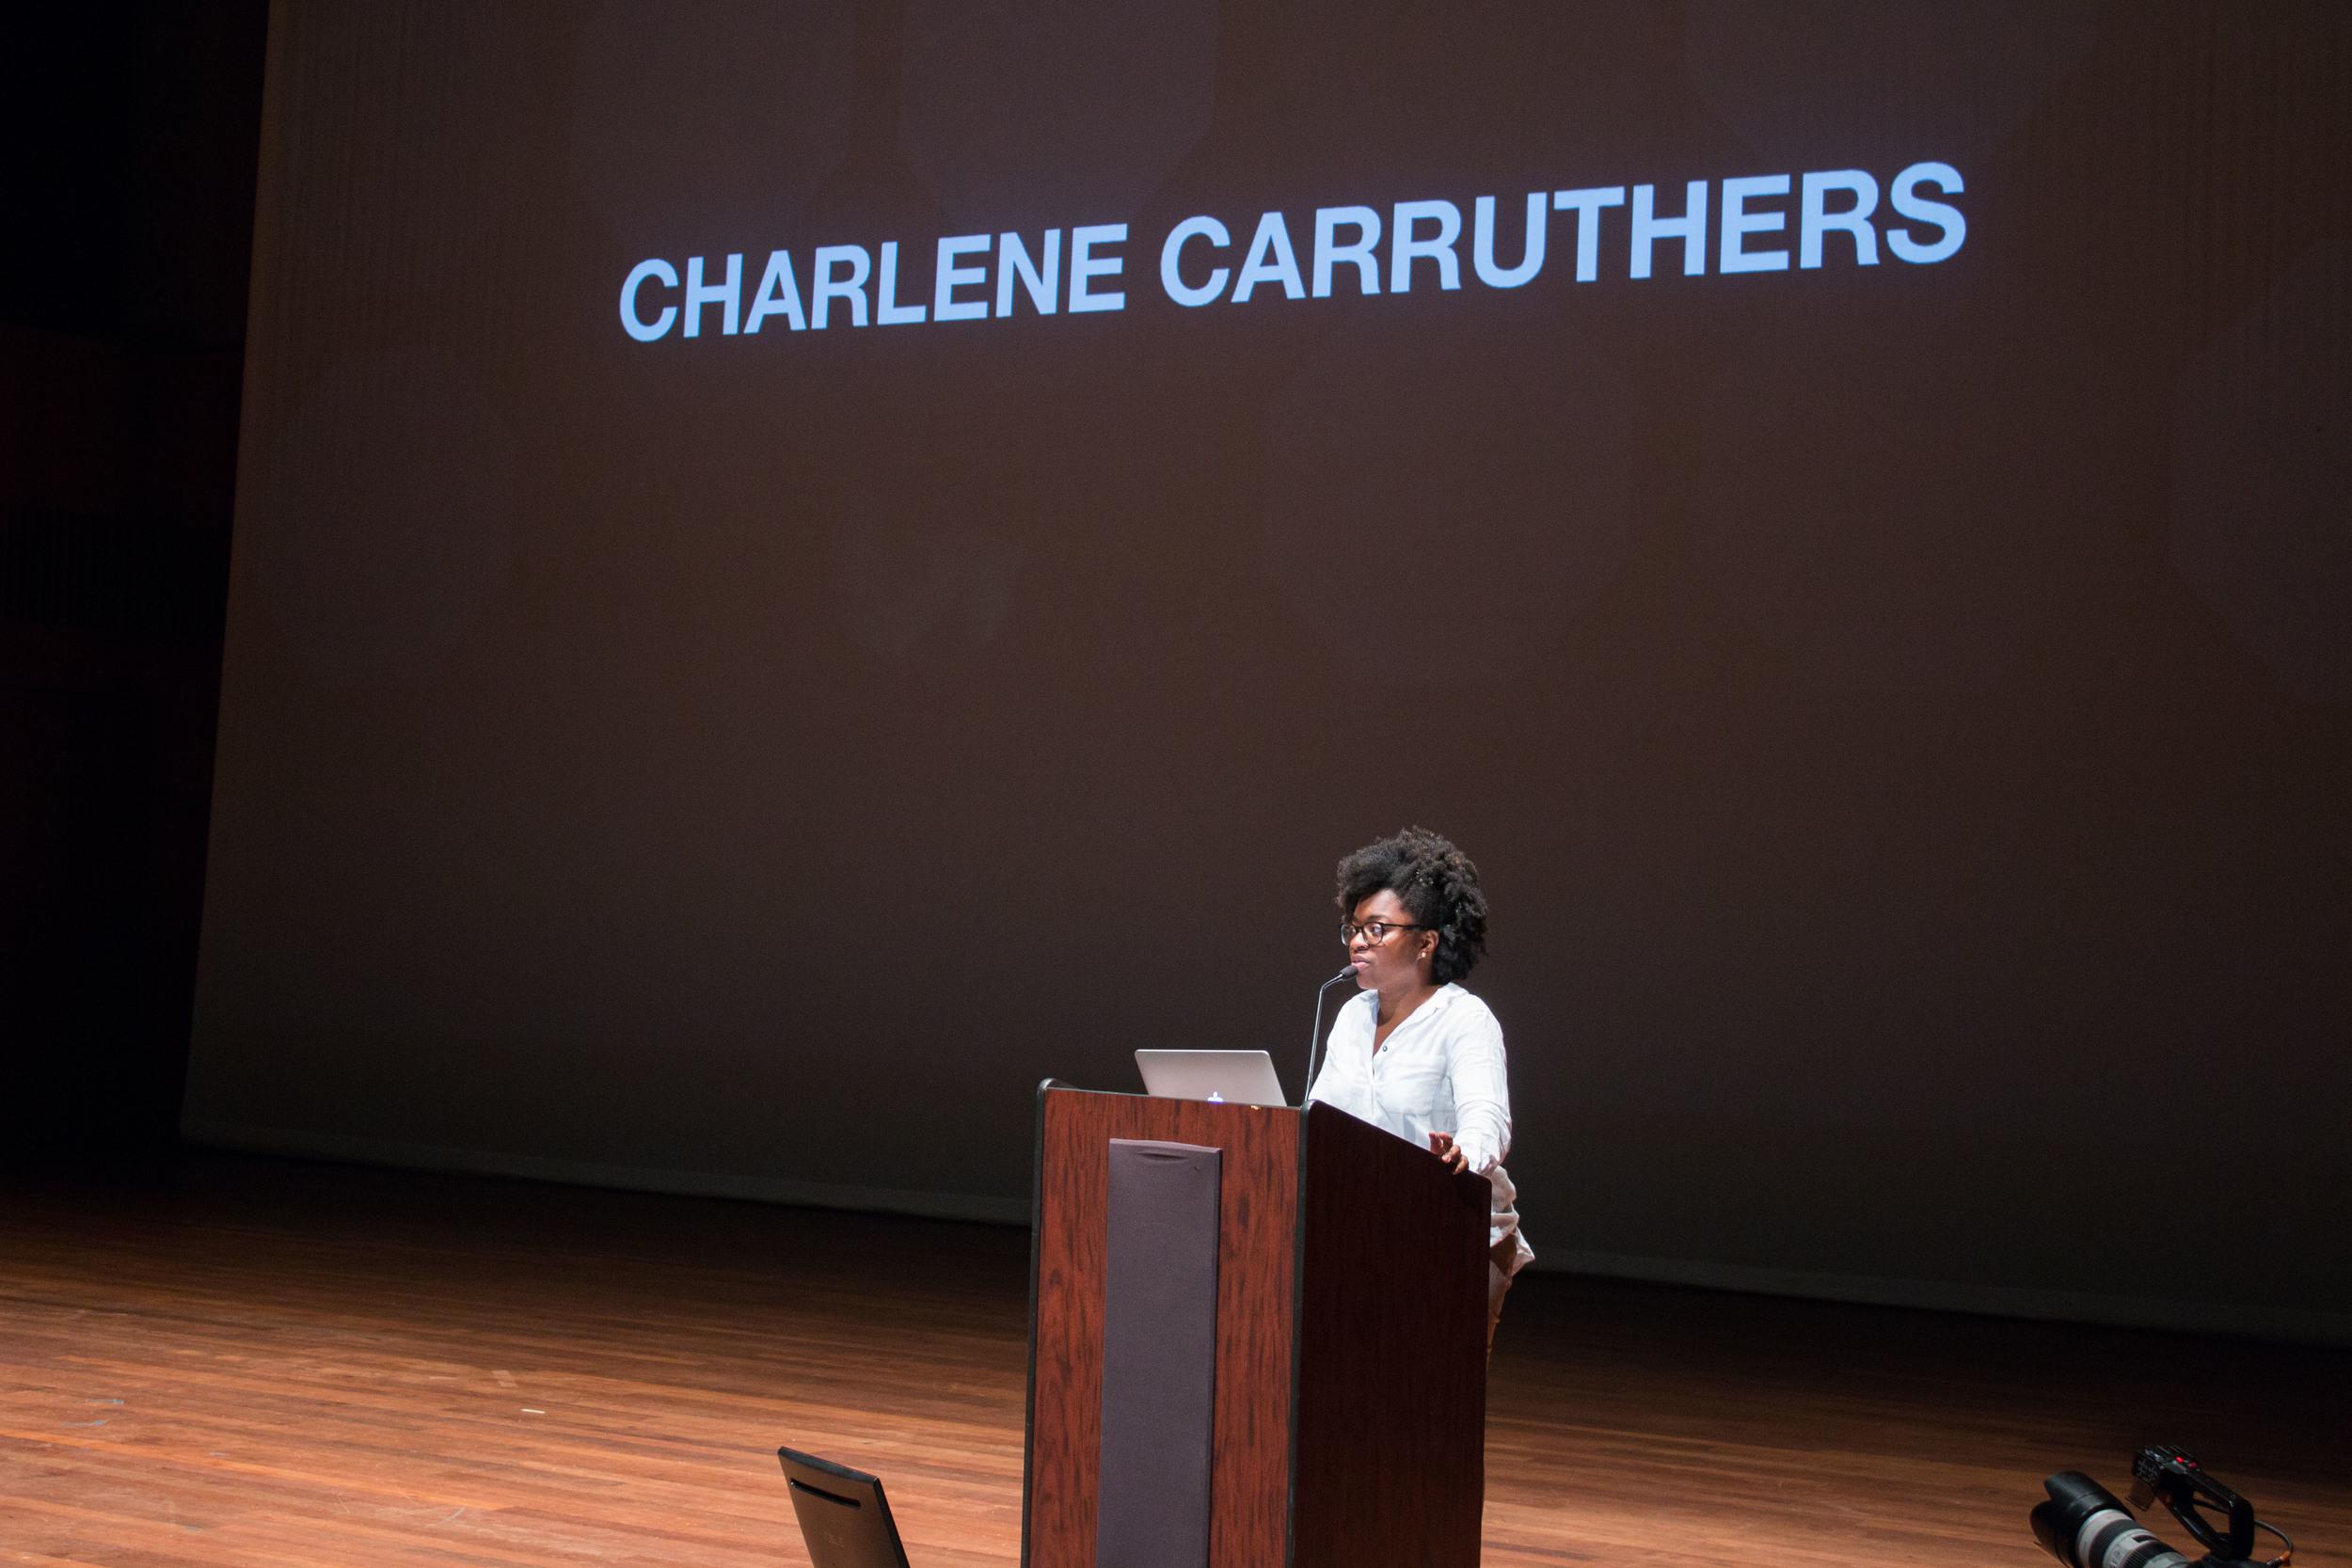 23_BlackFeminist_CharleneCaruthers.jpg